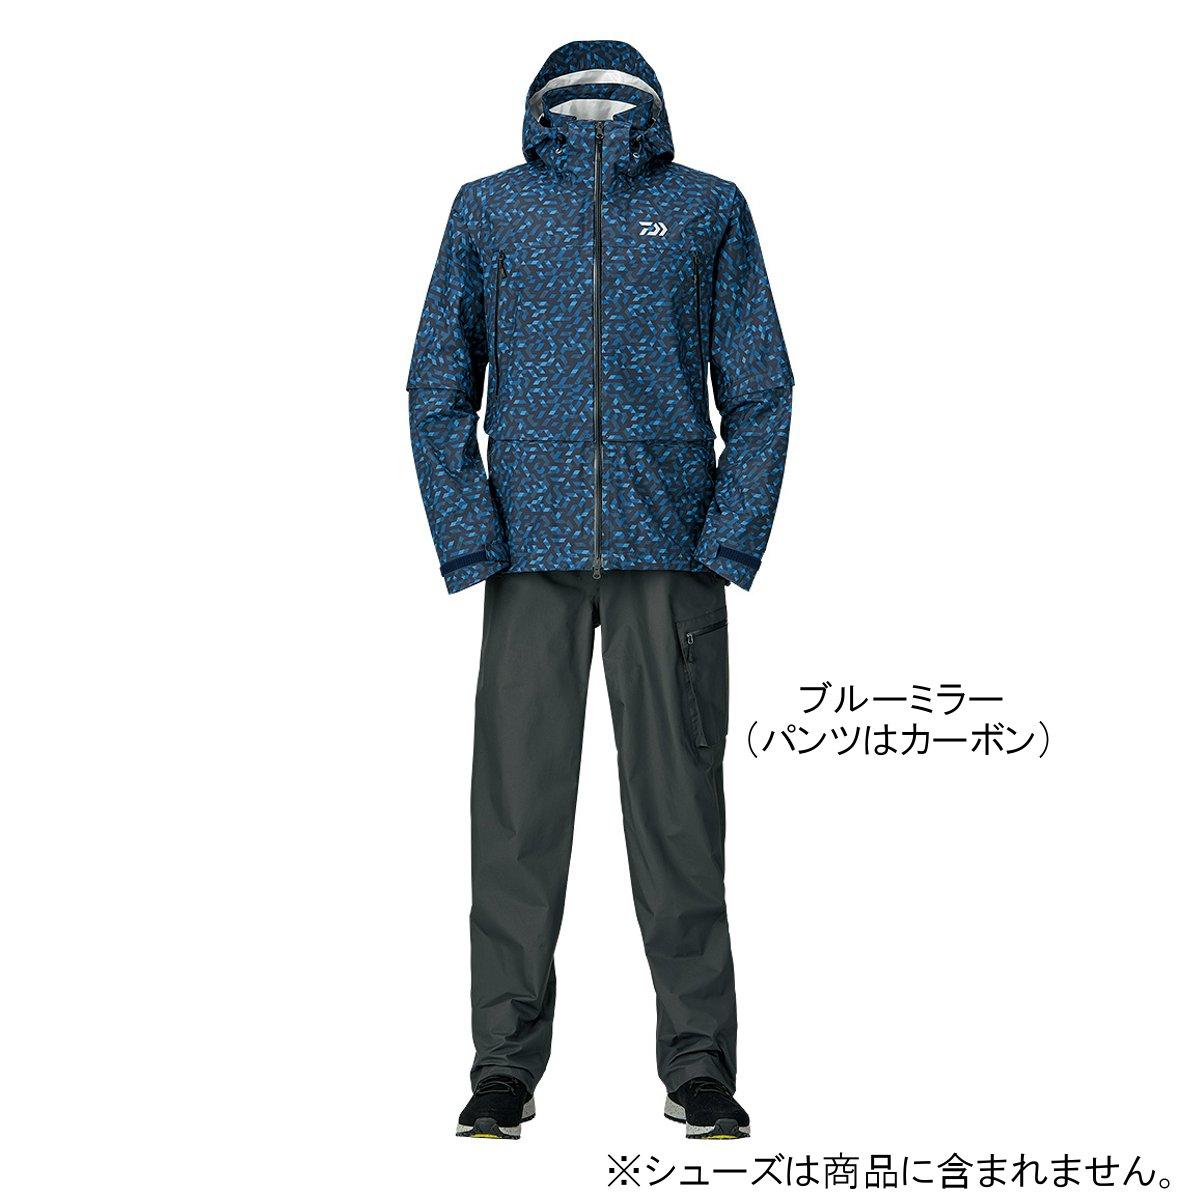 ダイワ レインマックス デタッチャブルレインスーツ DR-30009 2XL ブルーミラー【送料無料】